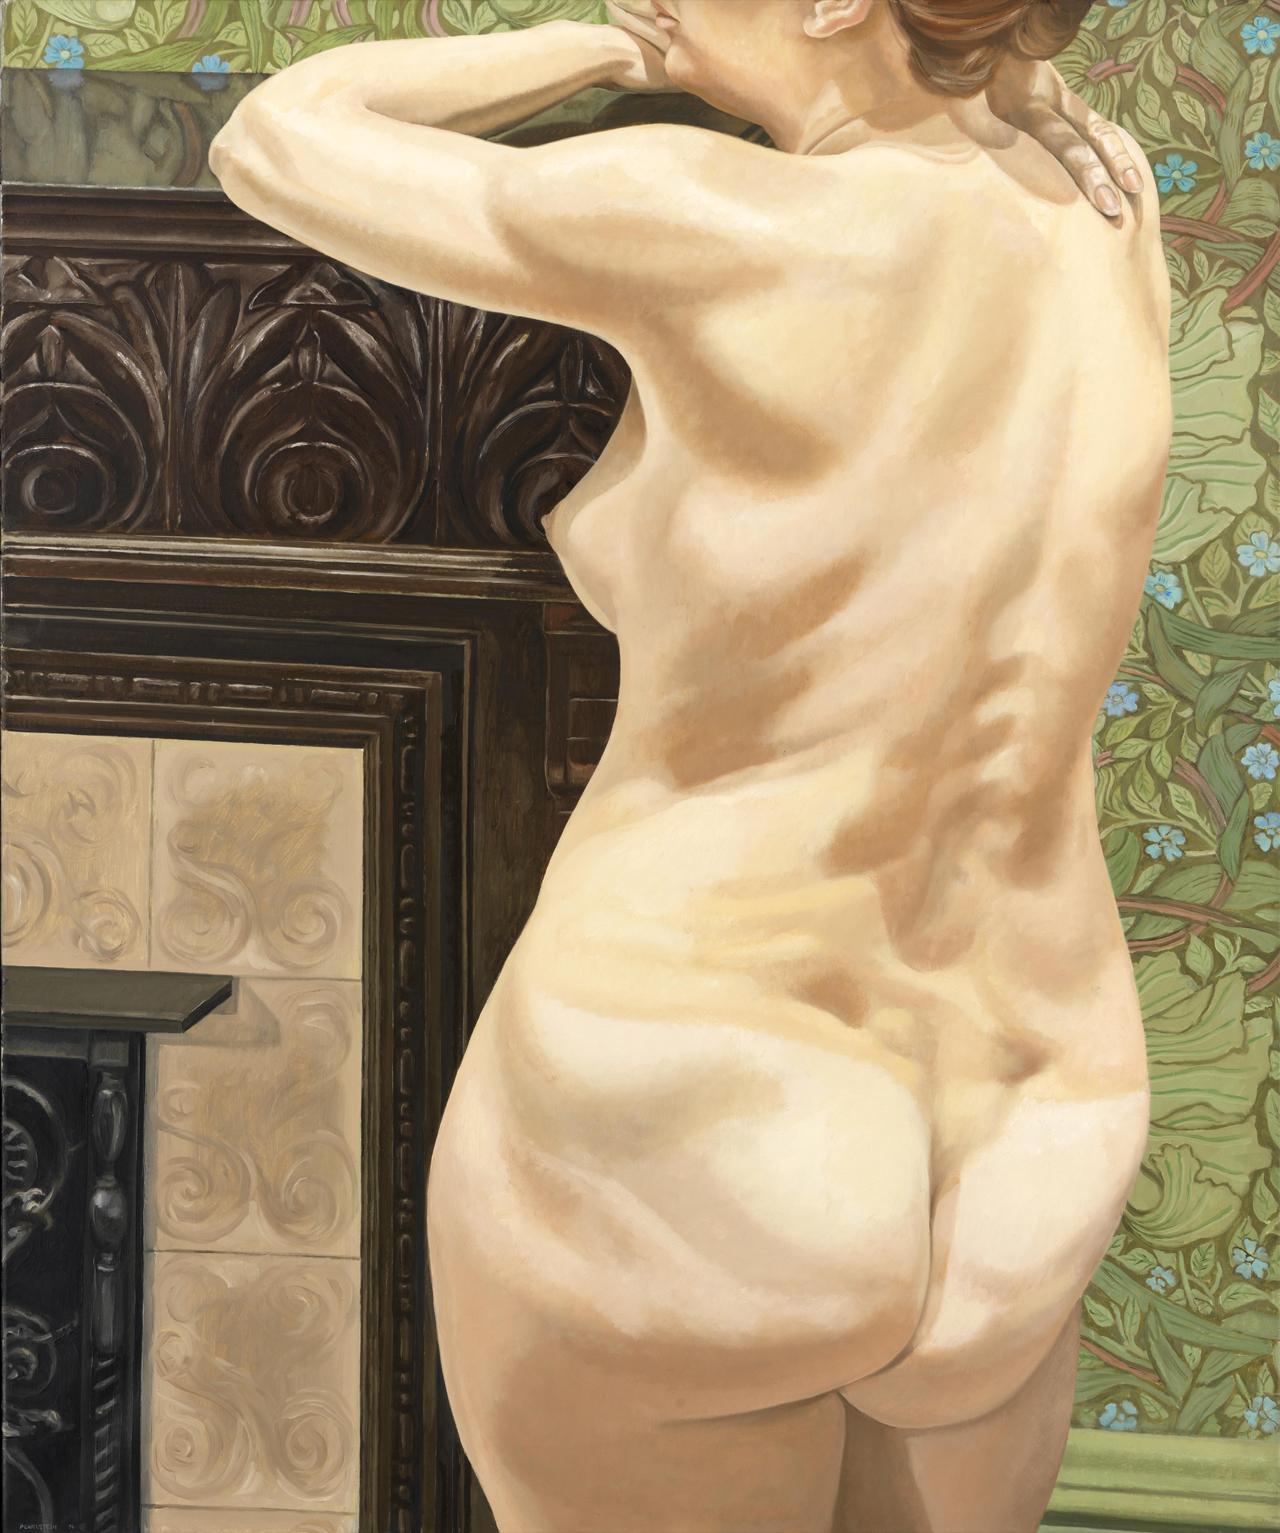 Philip Pearlstein, Female Model Leaning on Mantel, 1974, Öl auf Leinwand, 121,9 x 101,6 cm